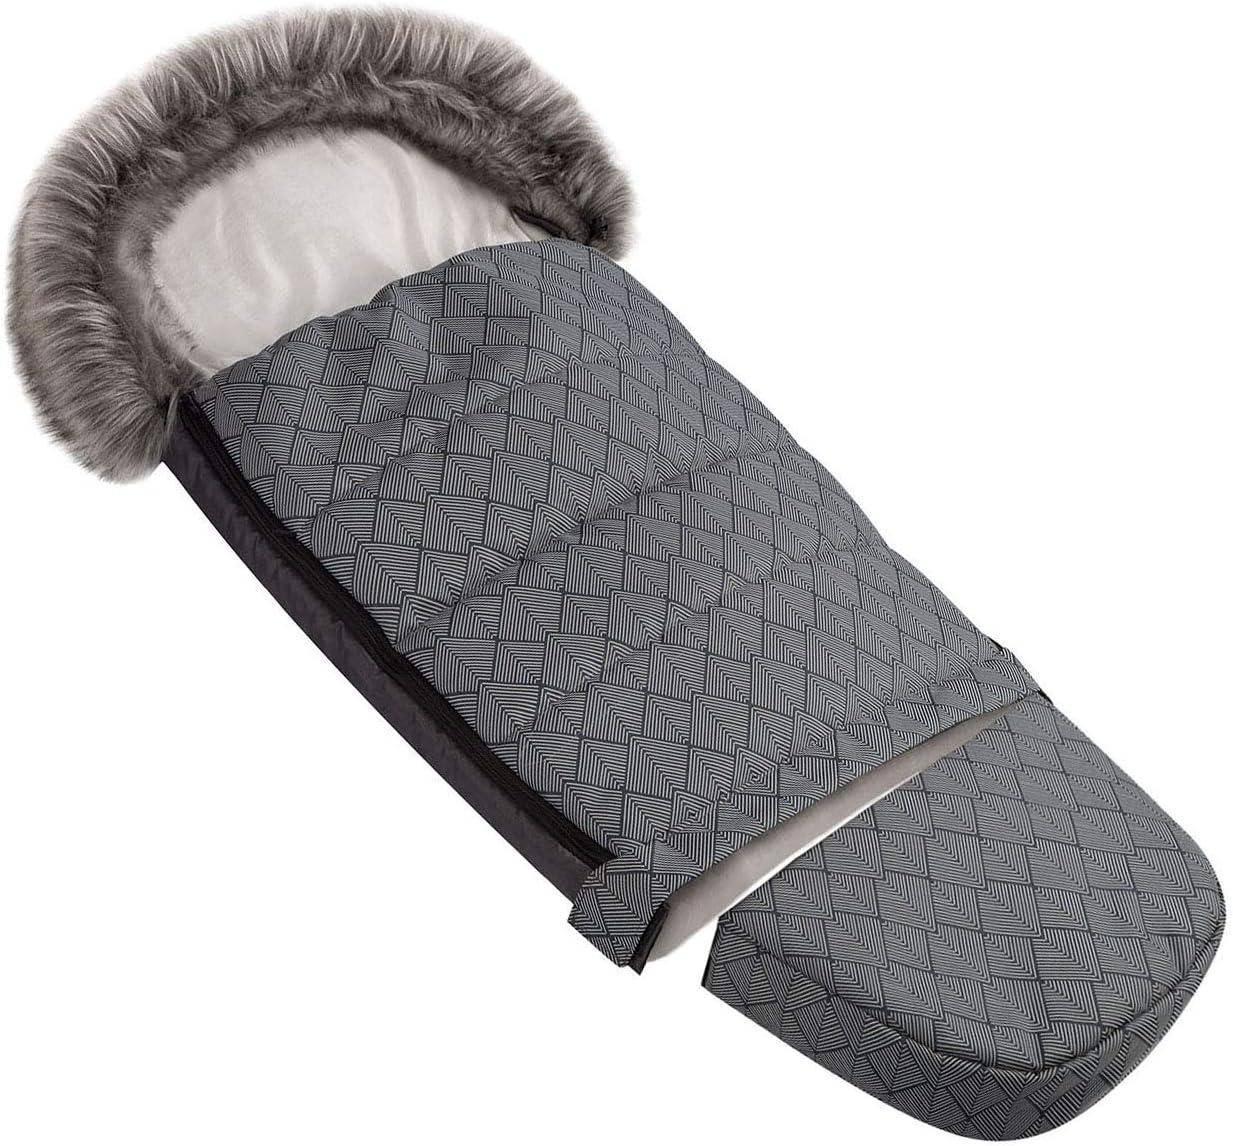 071 Chanceli/ère universelle pour poussette dhiver pour coque b/éb/é sac de couchage footmuff camouflage avec capuche Foug/ères